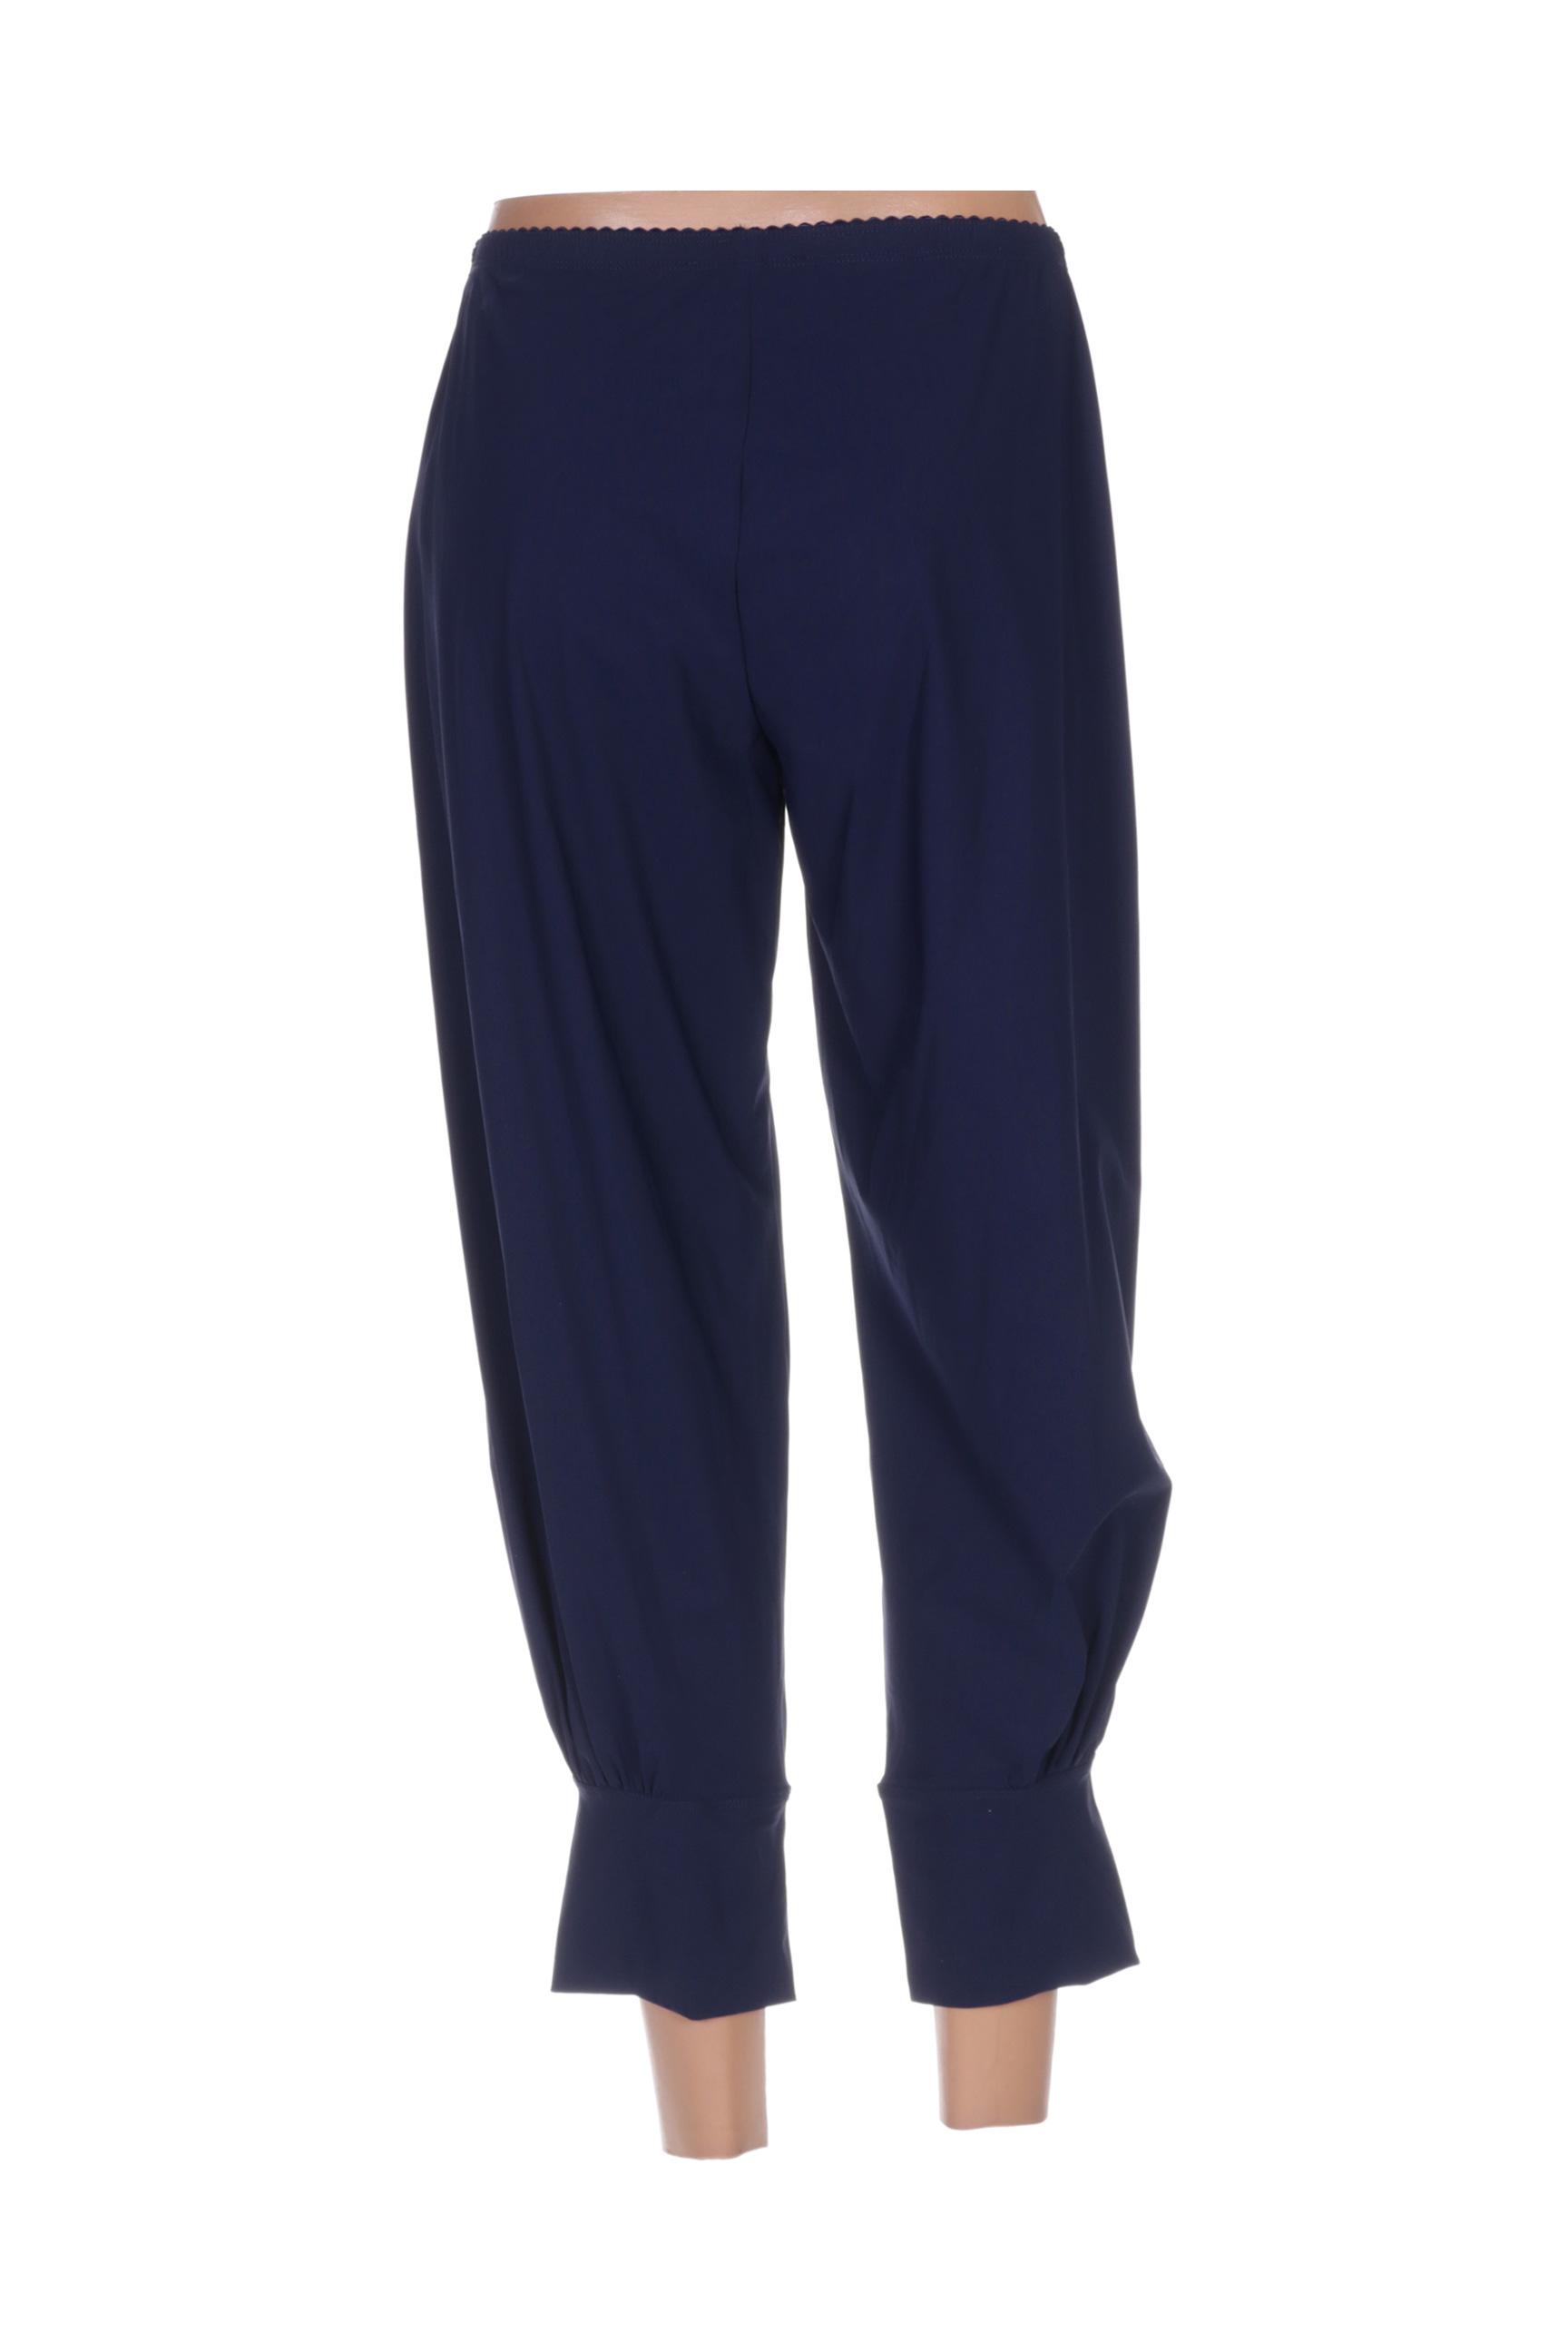 3322 Pantalons Decontractes Femme De Couleur Bleu En Soldes Pas Cher 1364314-bleu00